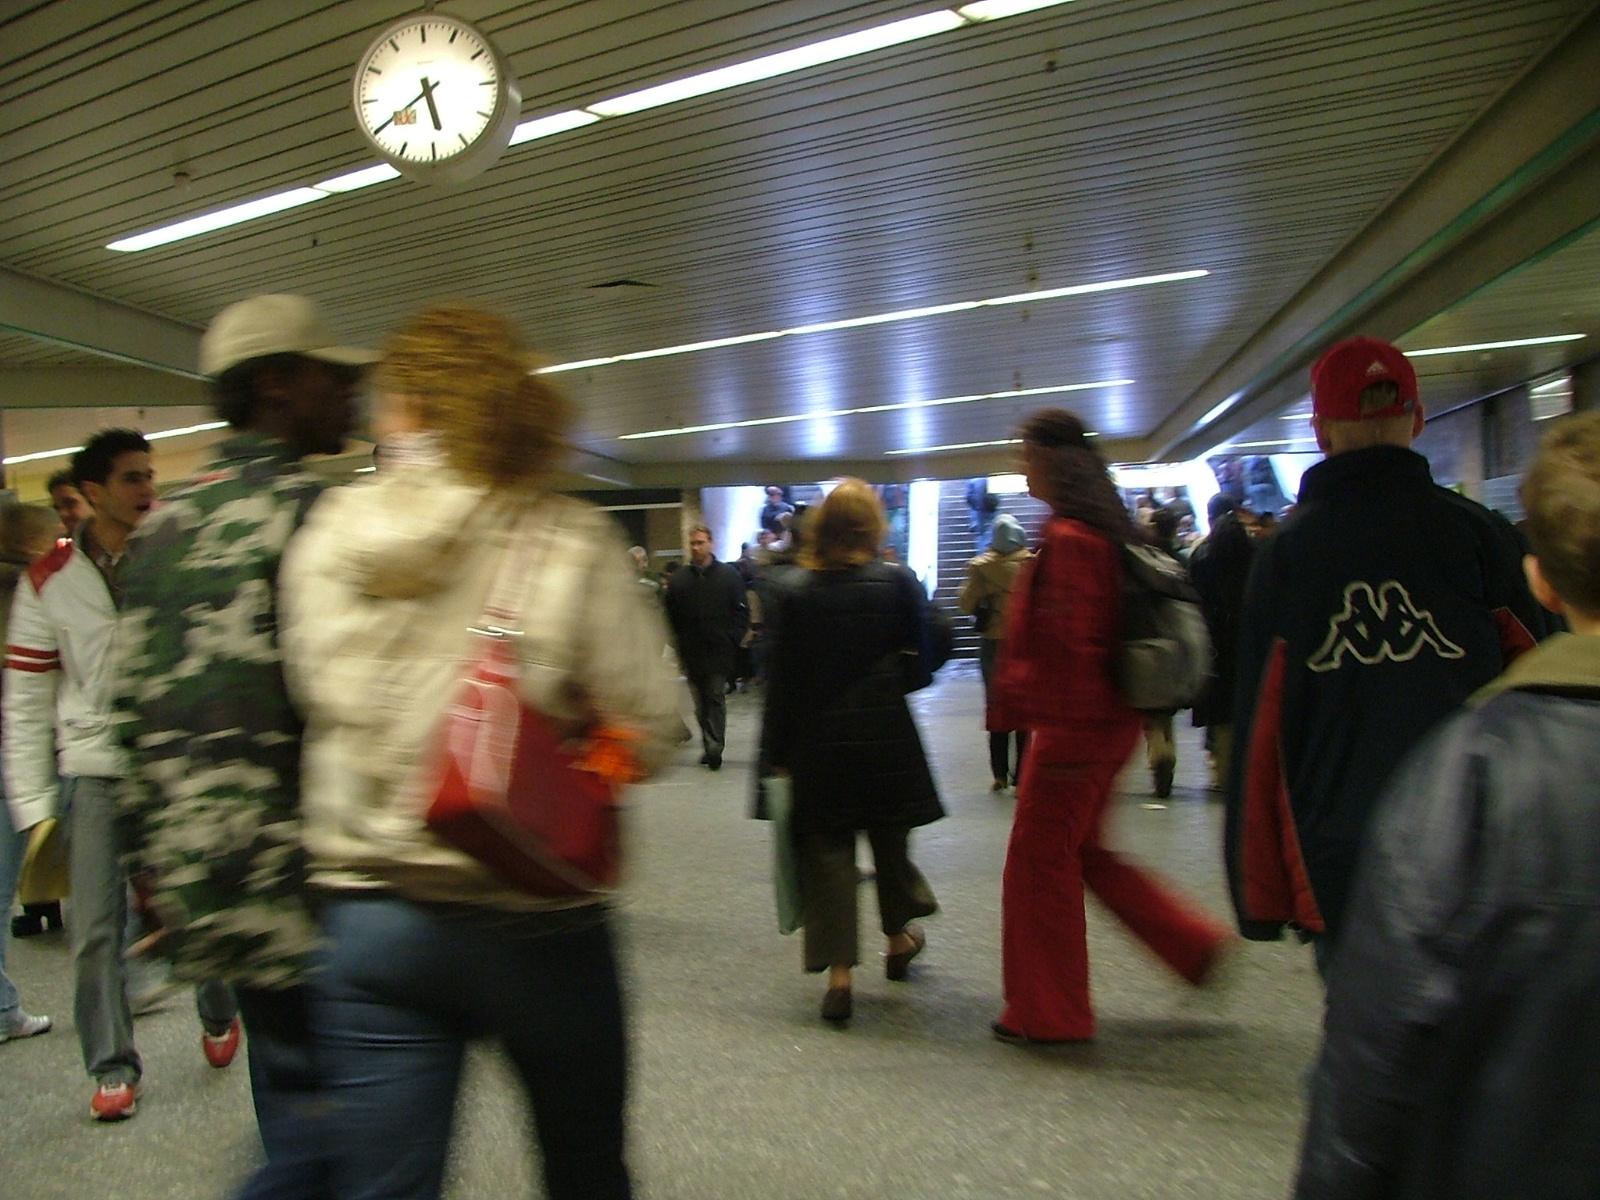 Bahnhof mit vielen hektisch gehenden Personen